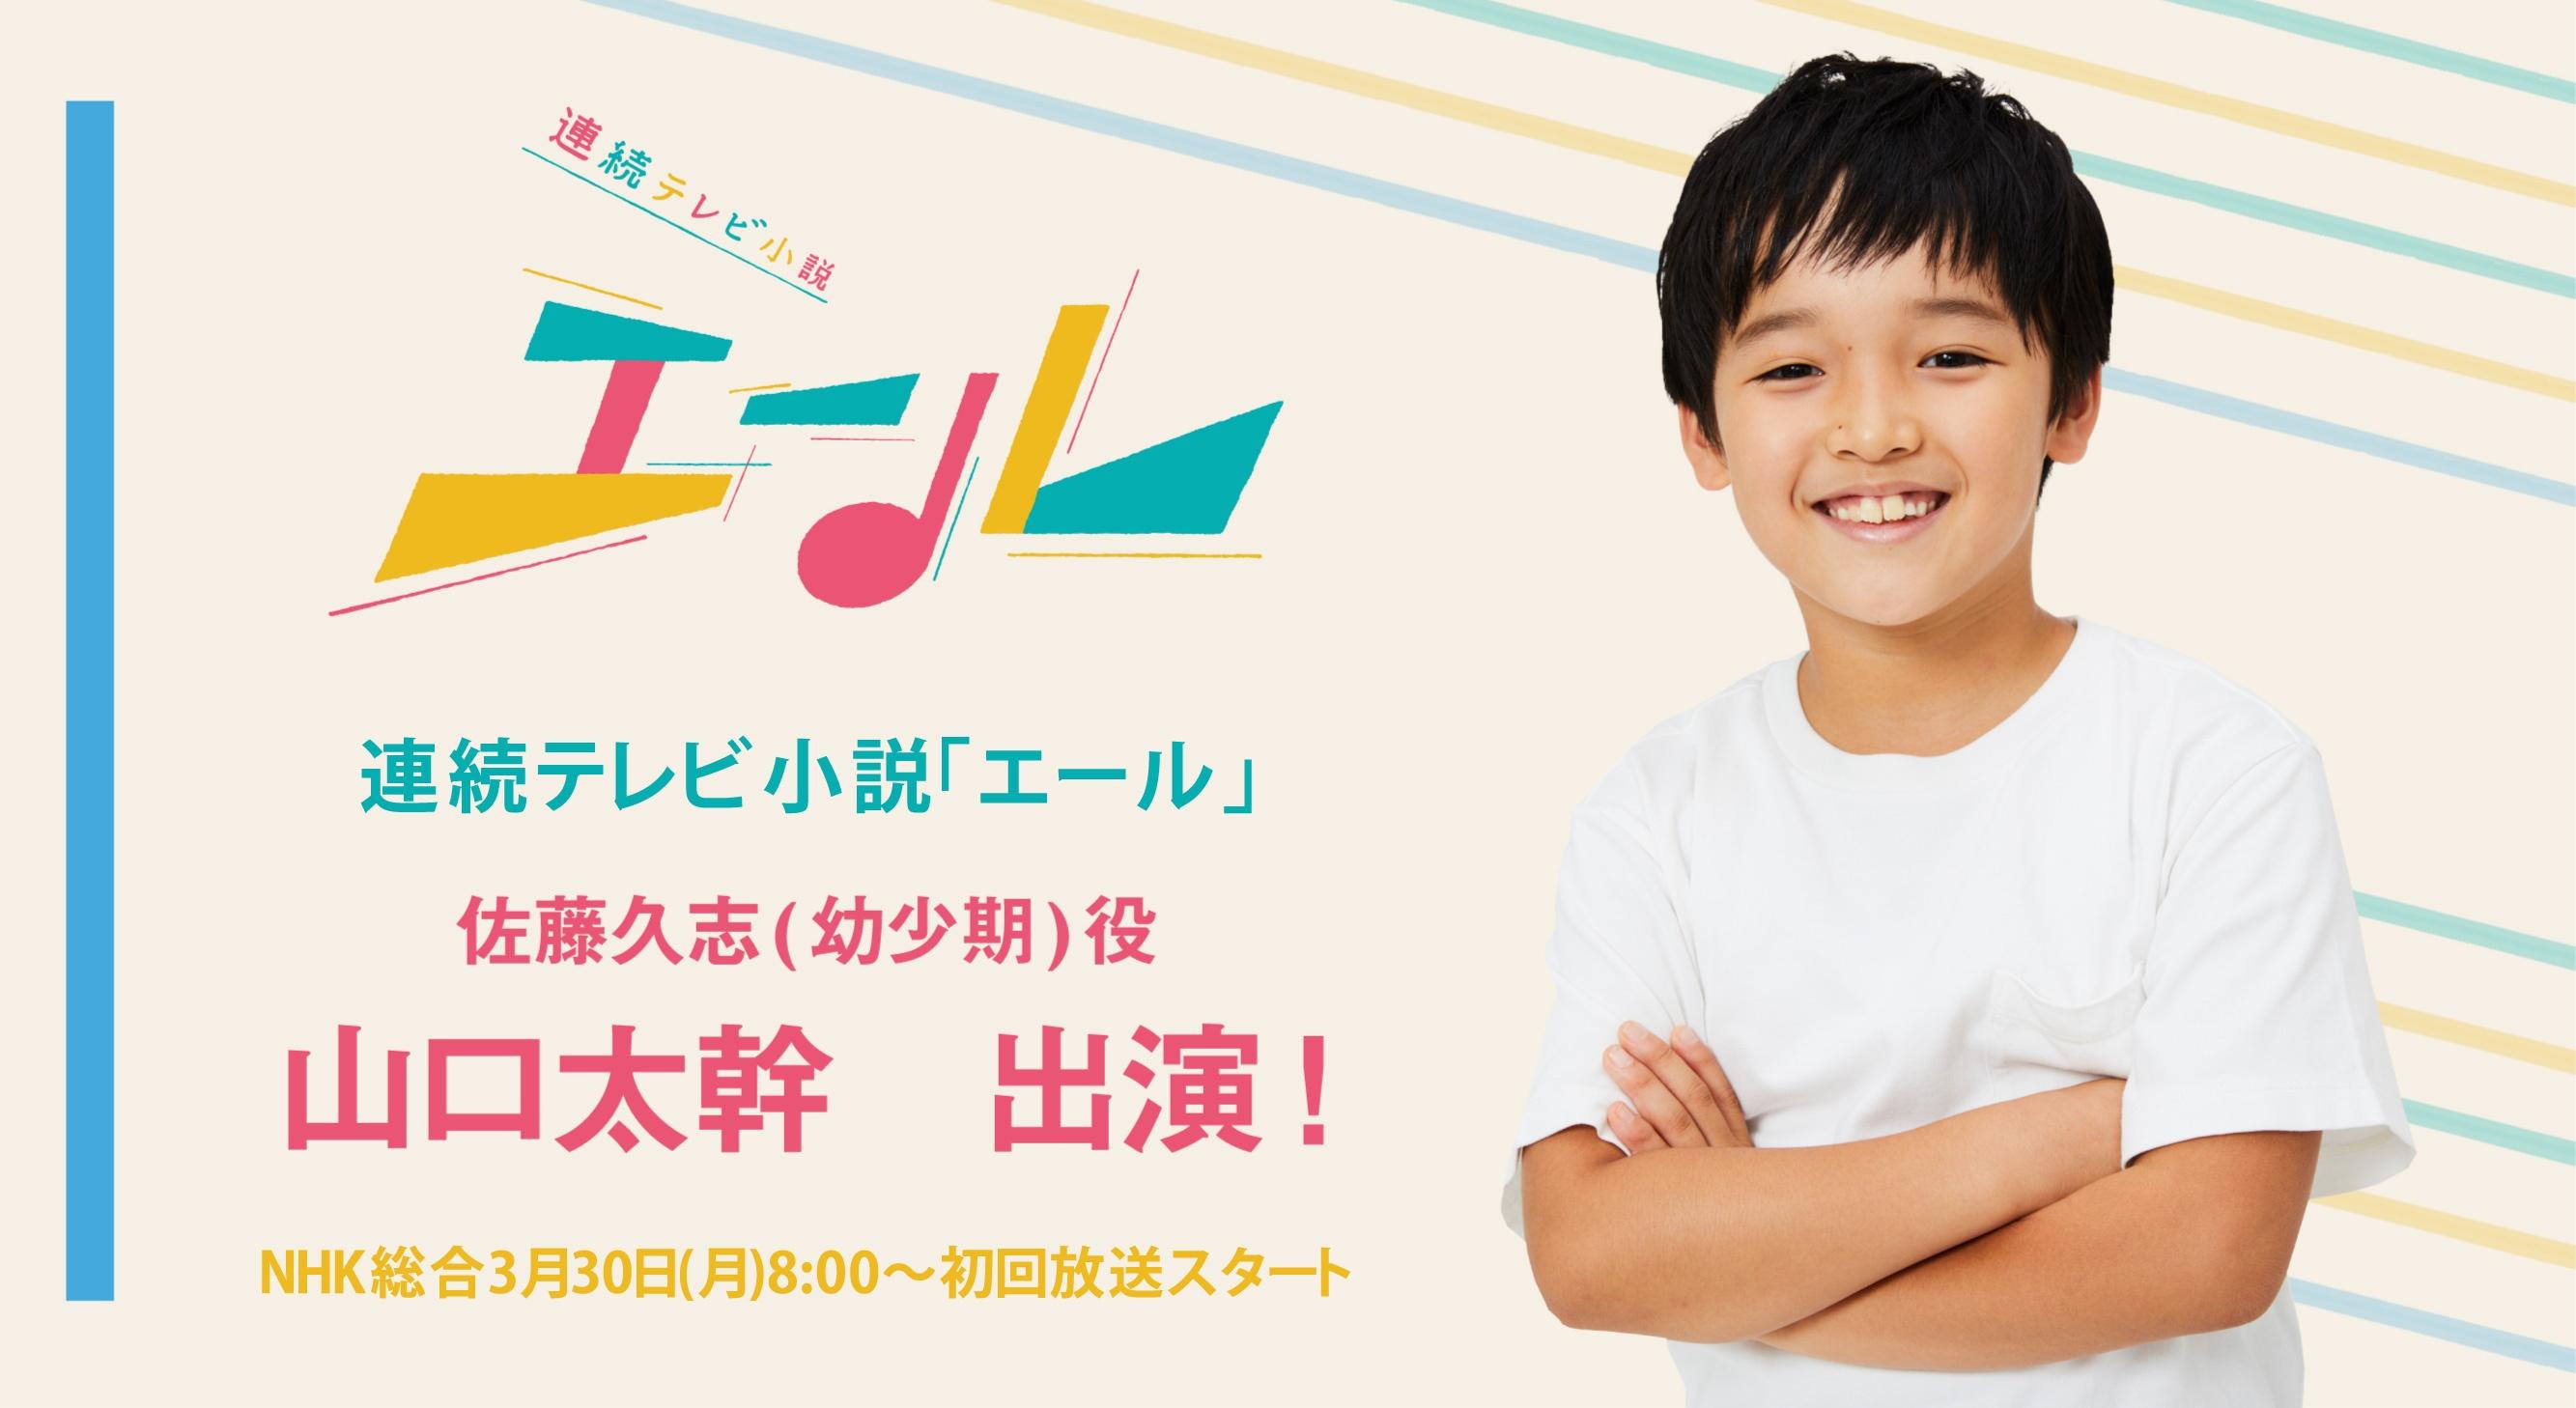 山口太幹 NHK連続テレビ小説「エール」